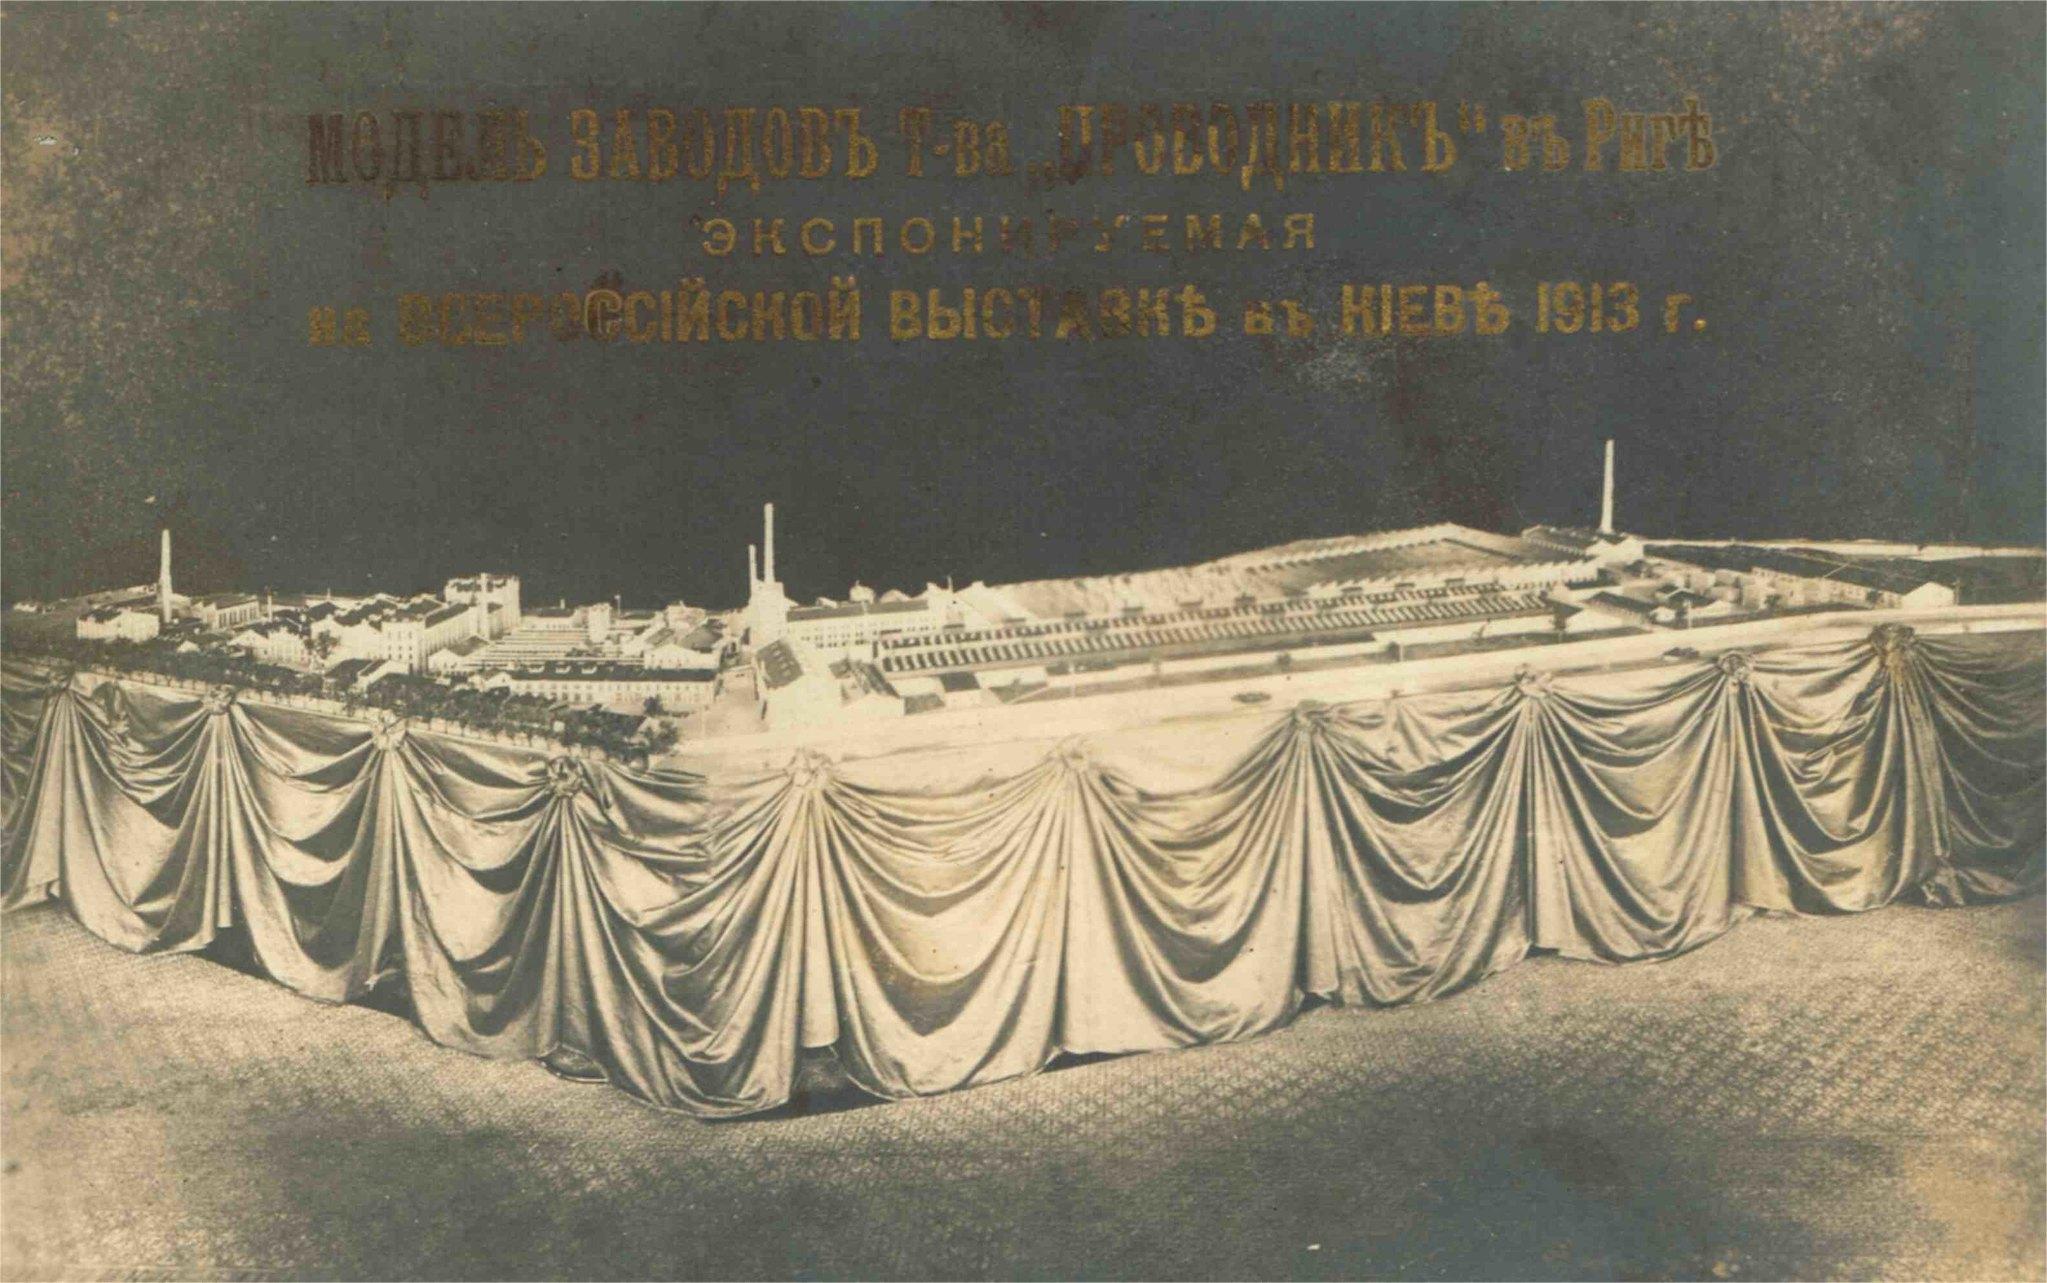 Модель Заводов Т-ва Проводник в Риге экспонируемая на Всероссийской Выставке в Киеве